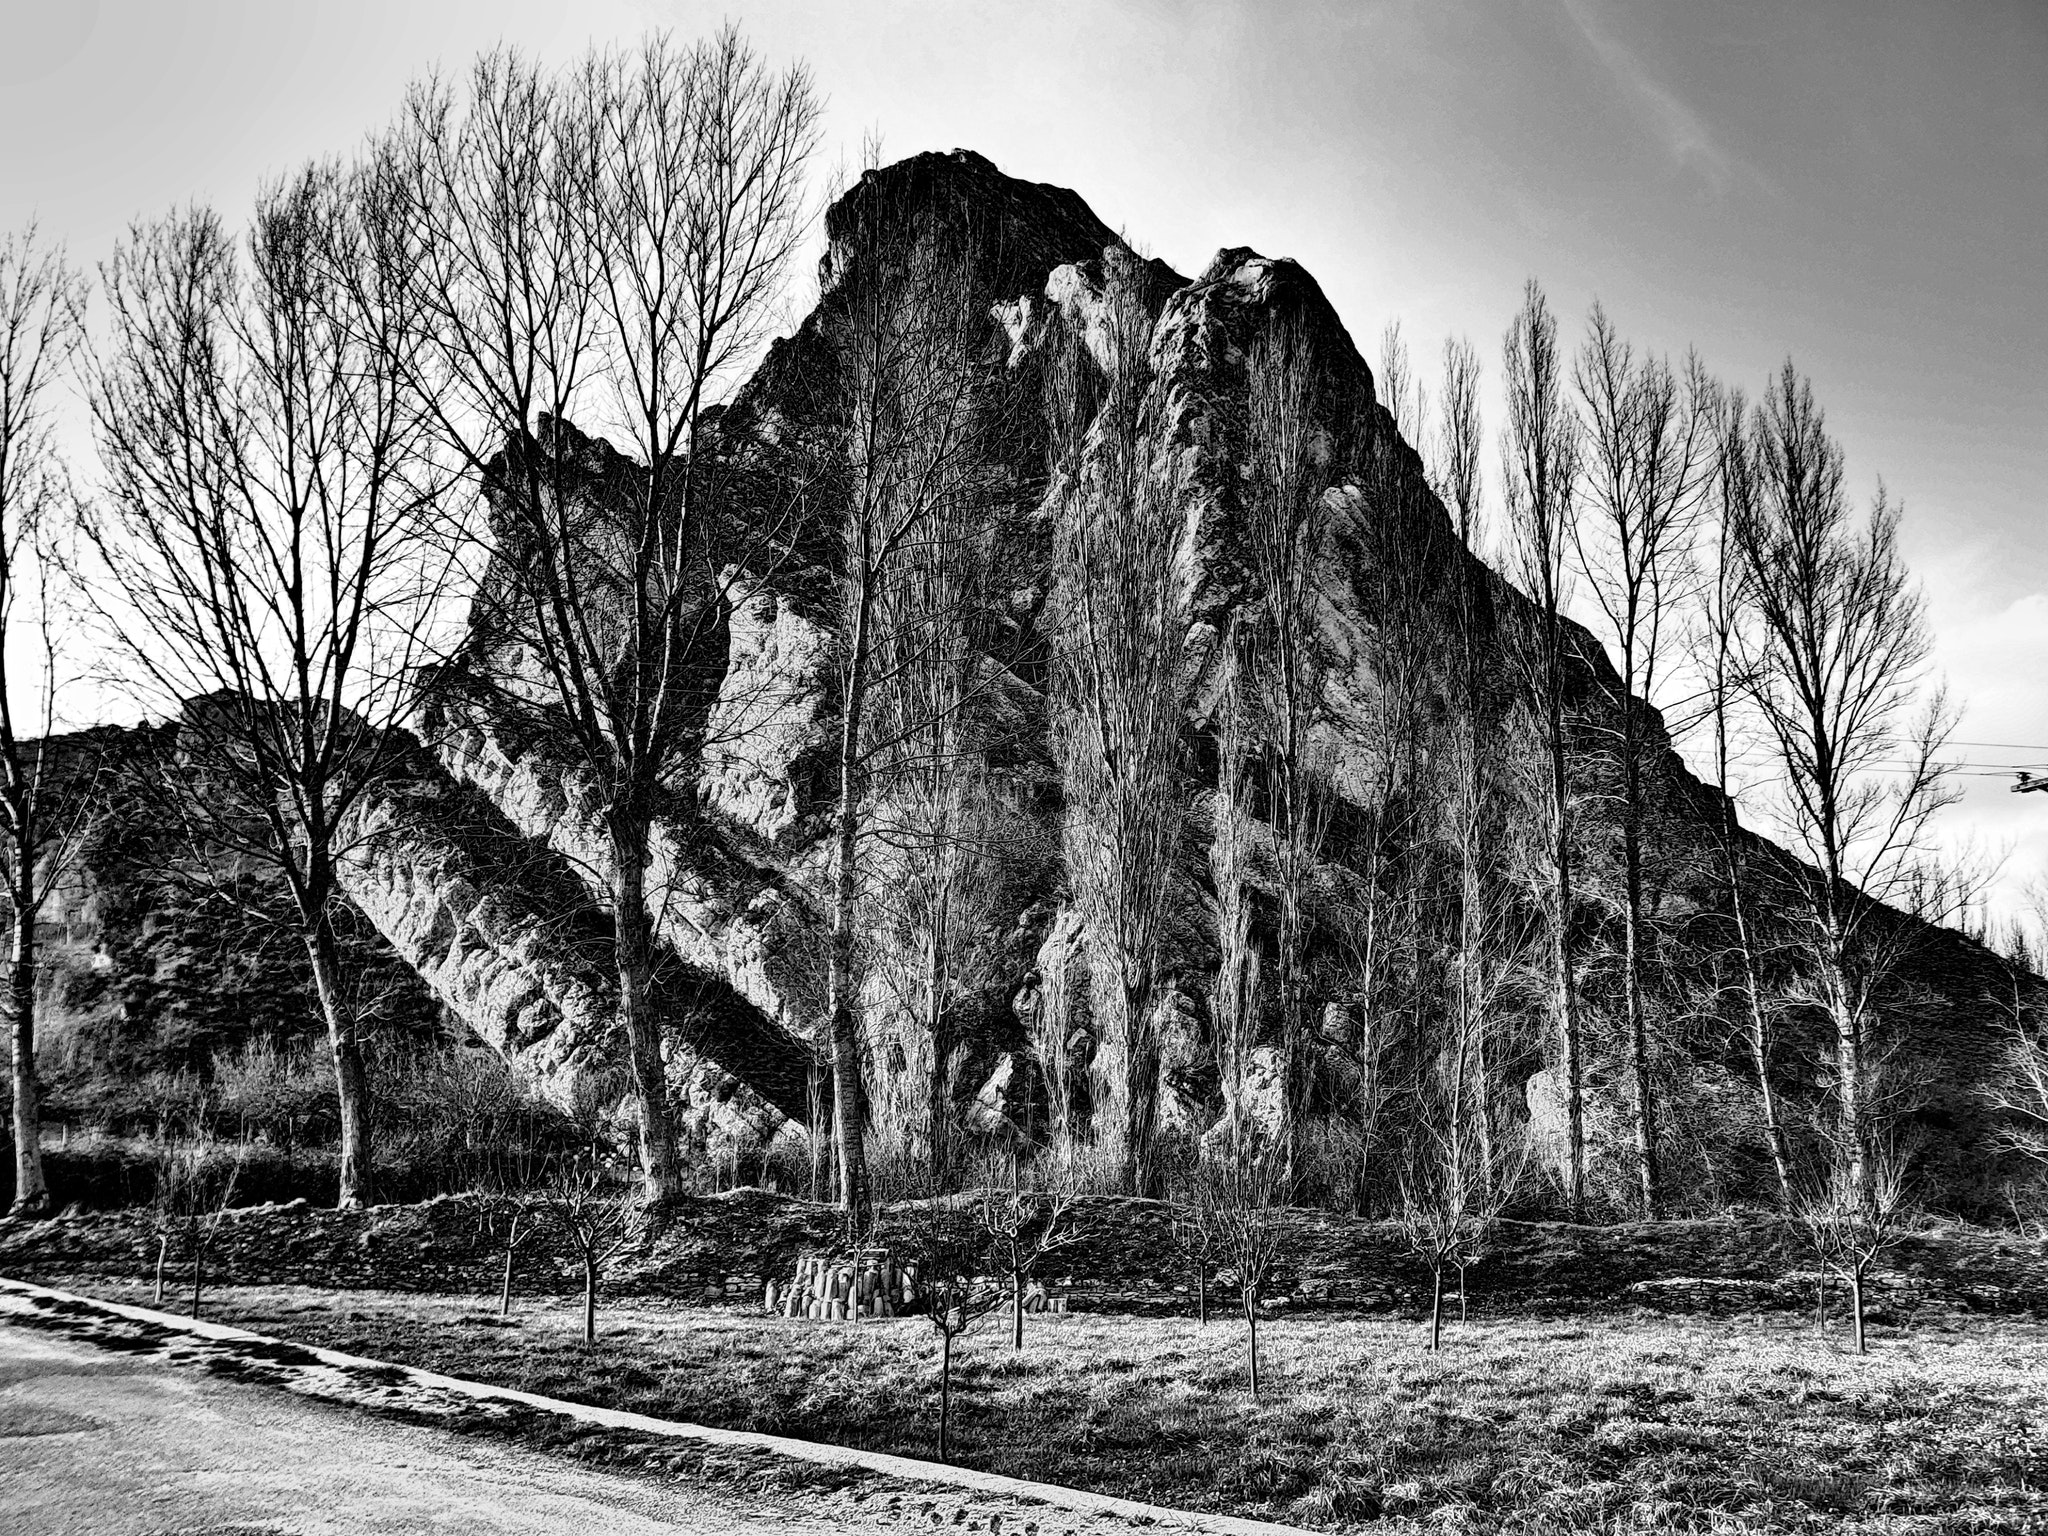 Ferienhaus Haus mit 5 Zimmern in Fuenteodra mit toller Aussicht auf die Berge, eingezäuntem Garten un (2211142), Fuenteodra, Burgos, Kastilien-León, Spanien, Bild 71